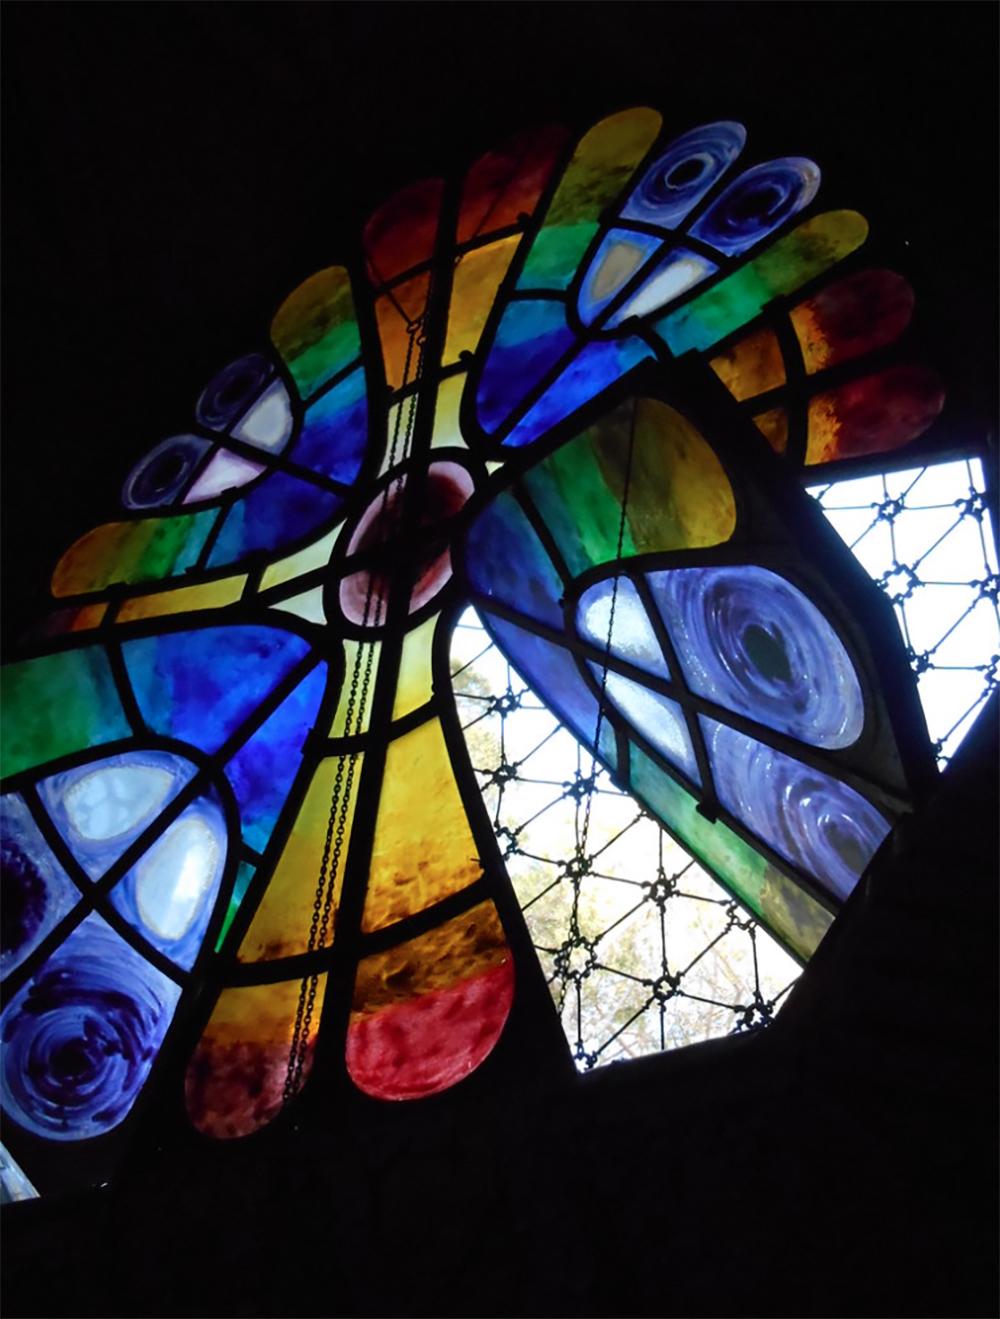 Colonia Güell Vidrieras Vitrales Jujol Gaudí Barcelona